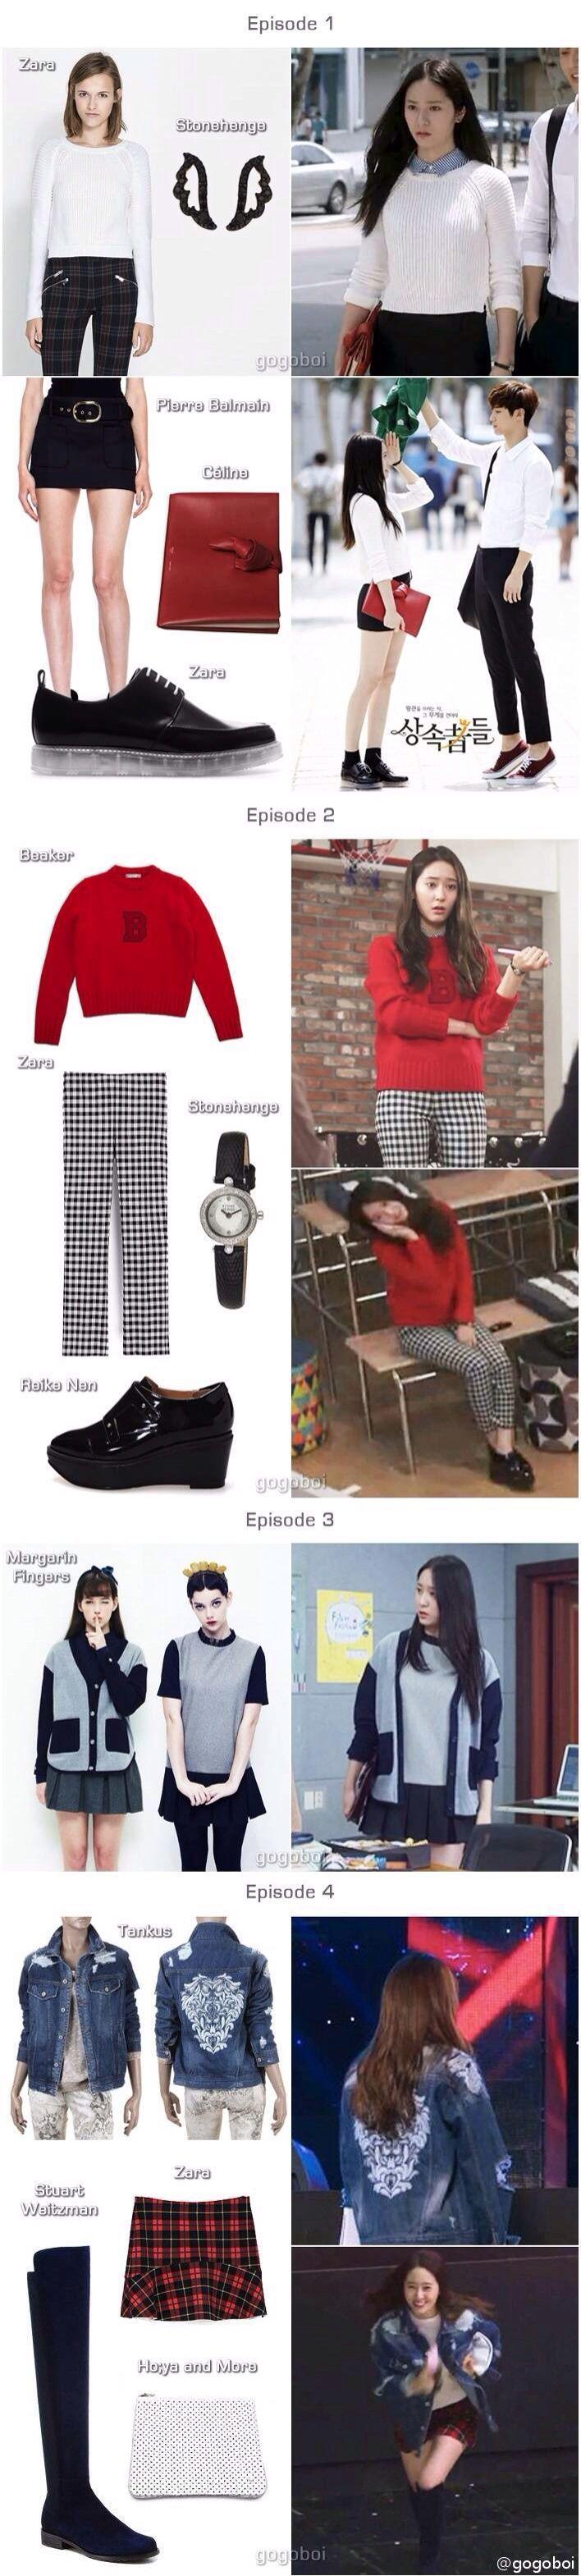 Krystal fashion